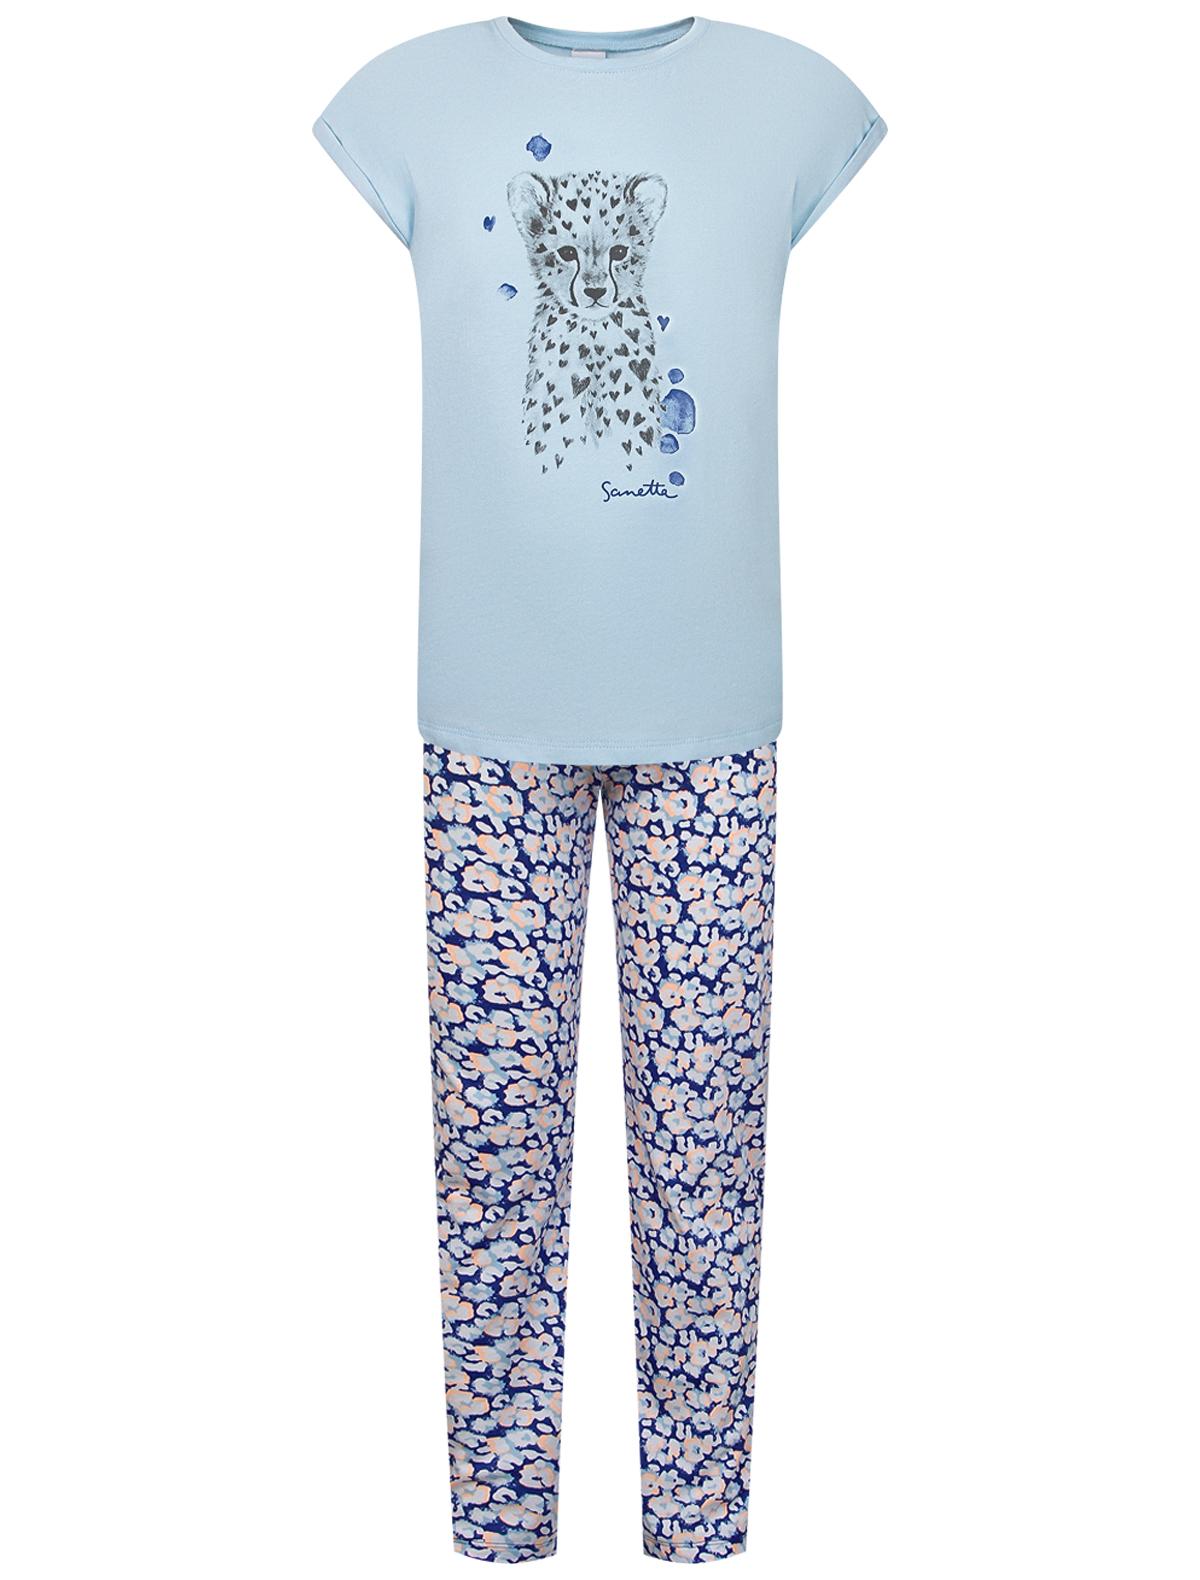 Пижама Sanetta голубого цвета